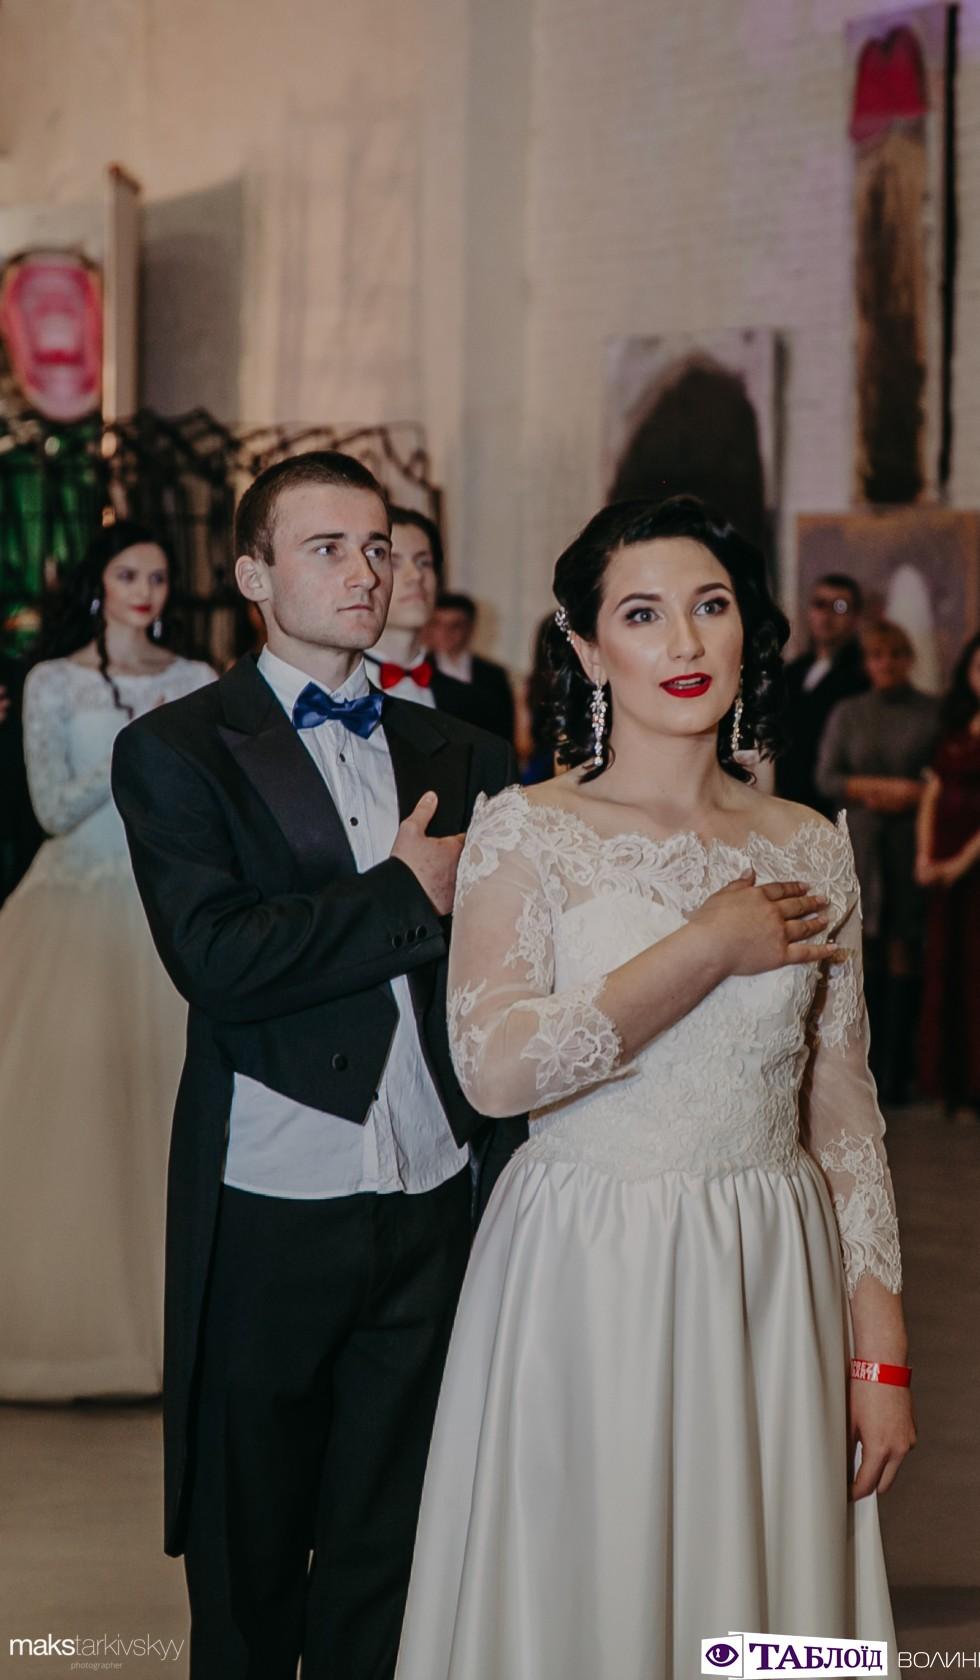 Красені і красуні дня: гості вишуканого балу у Луцьку